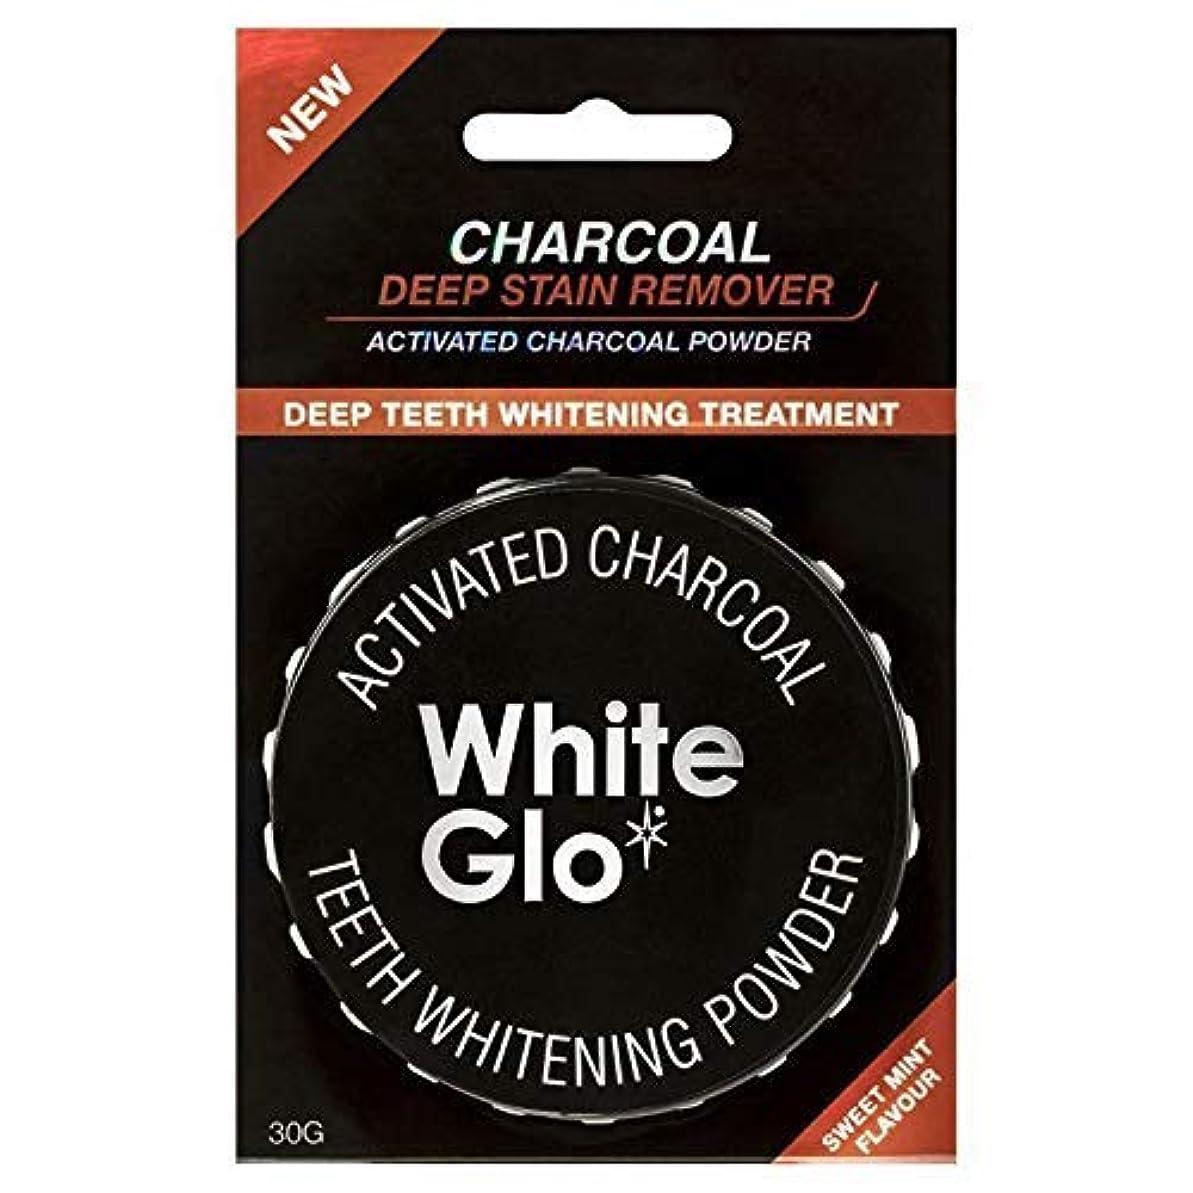 冗長外交銛Teeth Whitening Systems White Glo Activated Charcoal Teeth Whitening Powder 30g Australia / システムを白くする歯を白くする歯の粉...